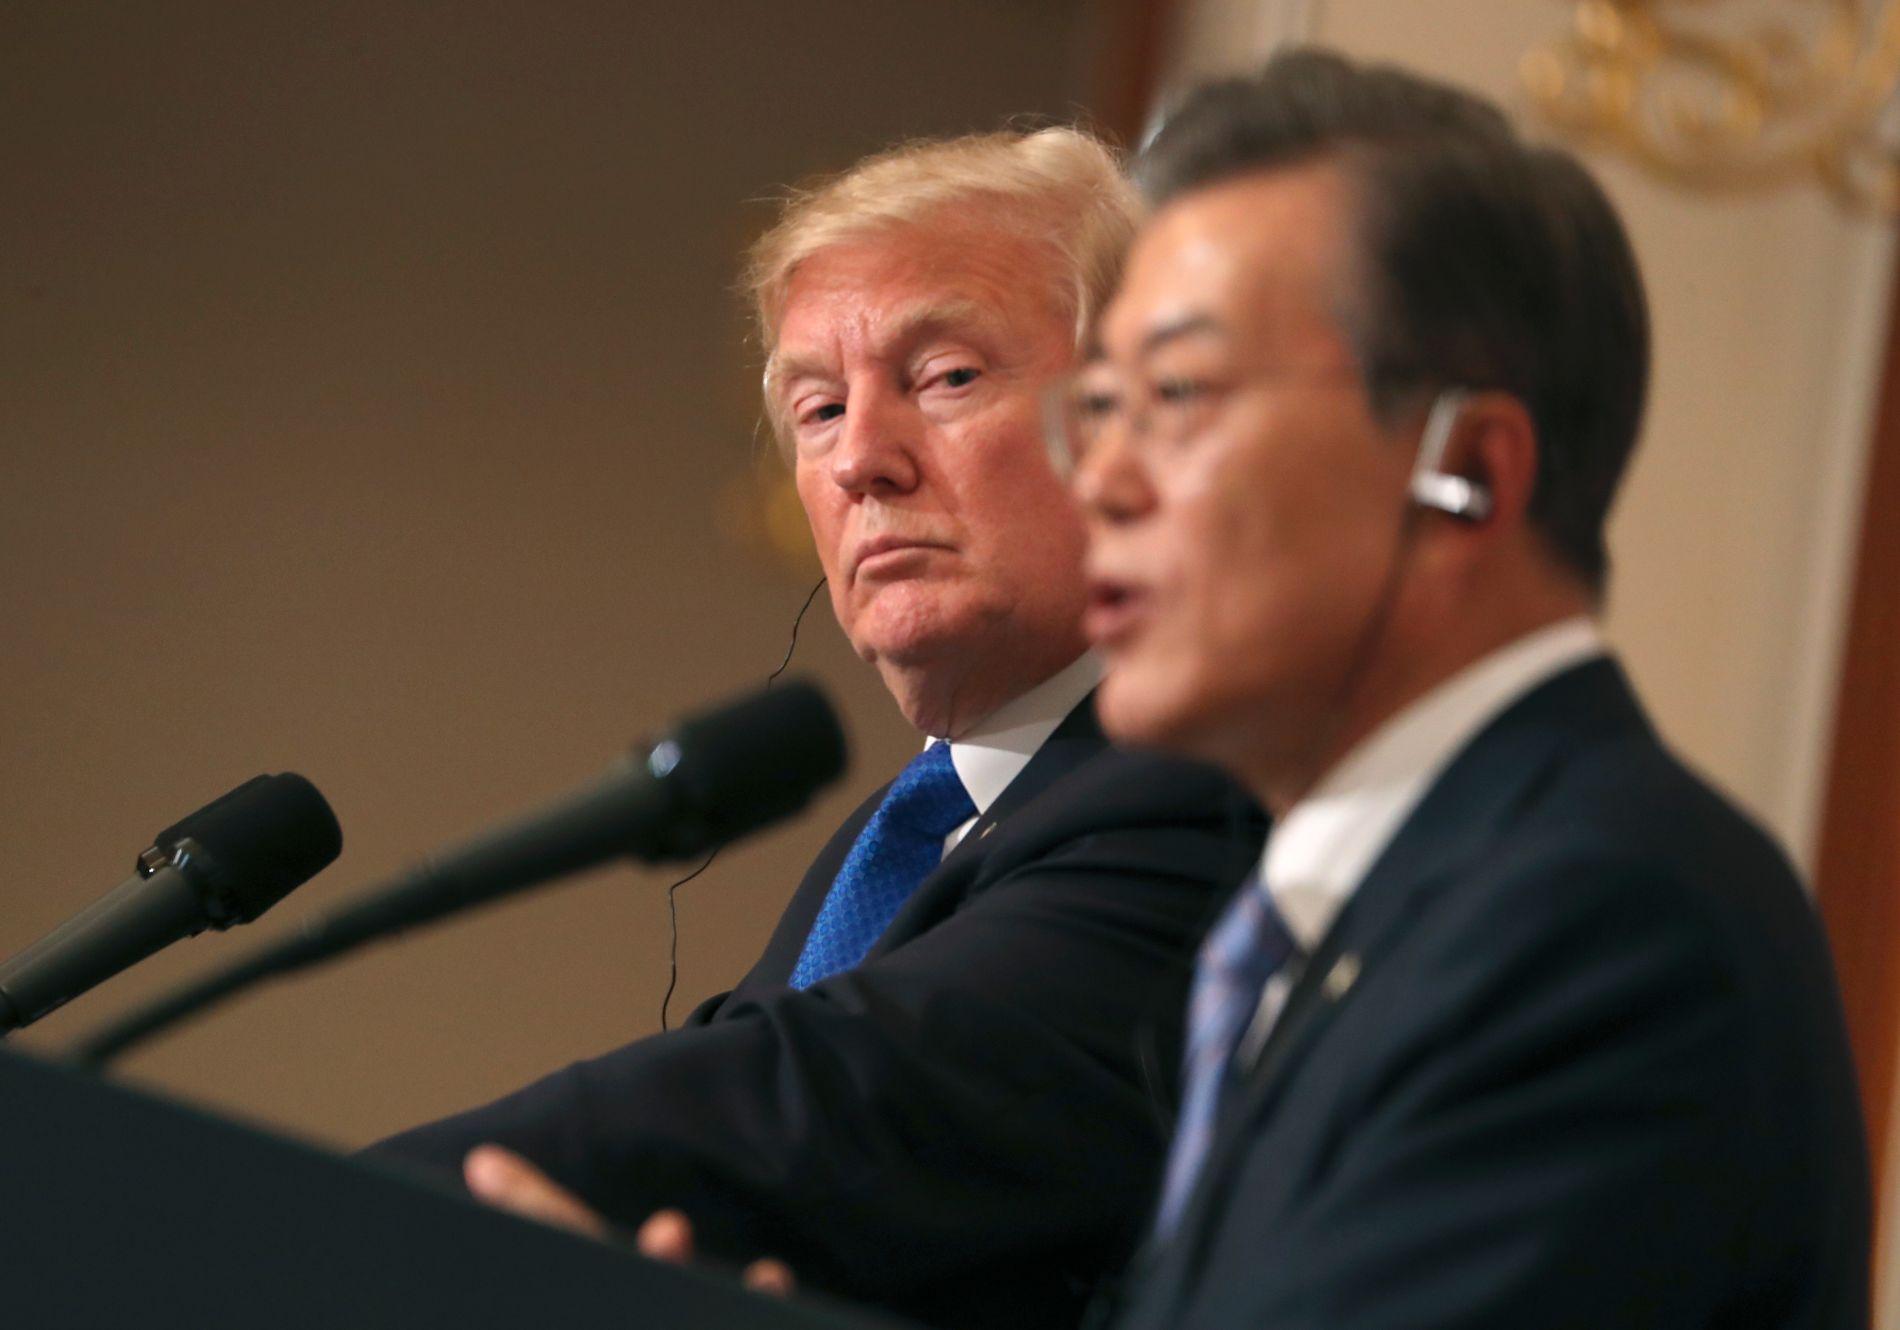 TOPPMØTE: Donald Trump og Moon Jae-in møtte hverandre i den sørkoreanske hovedstaden Seoul i juni 2017. Der ble de enige om å forhandle med Nord-Korea.